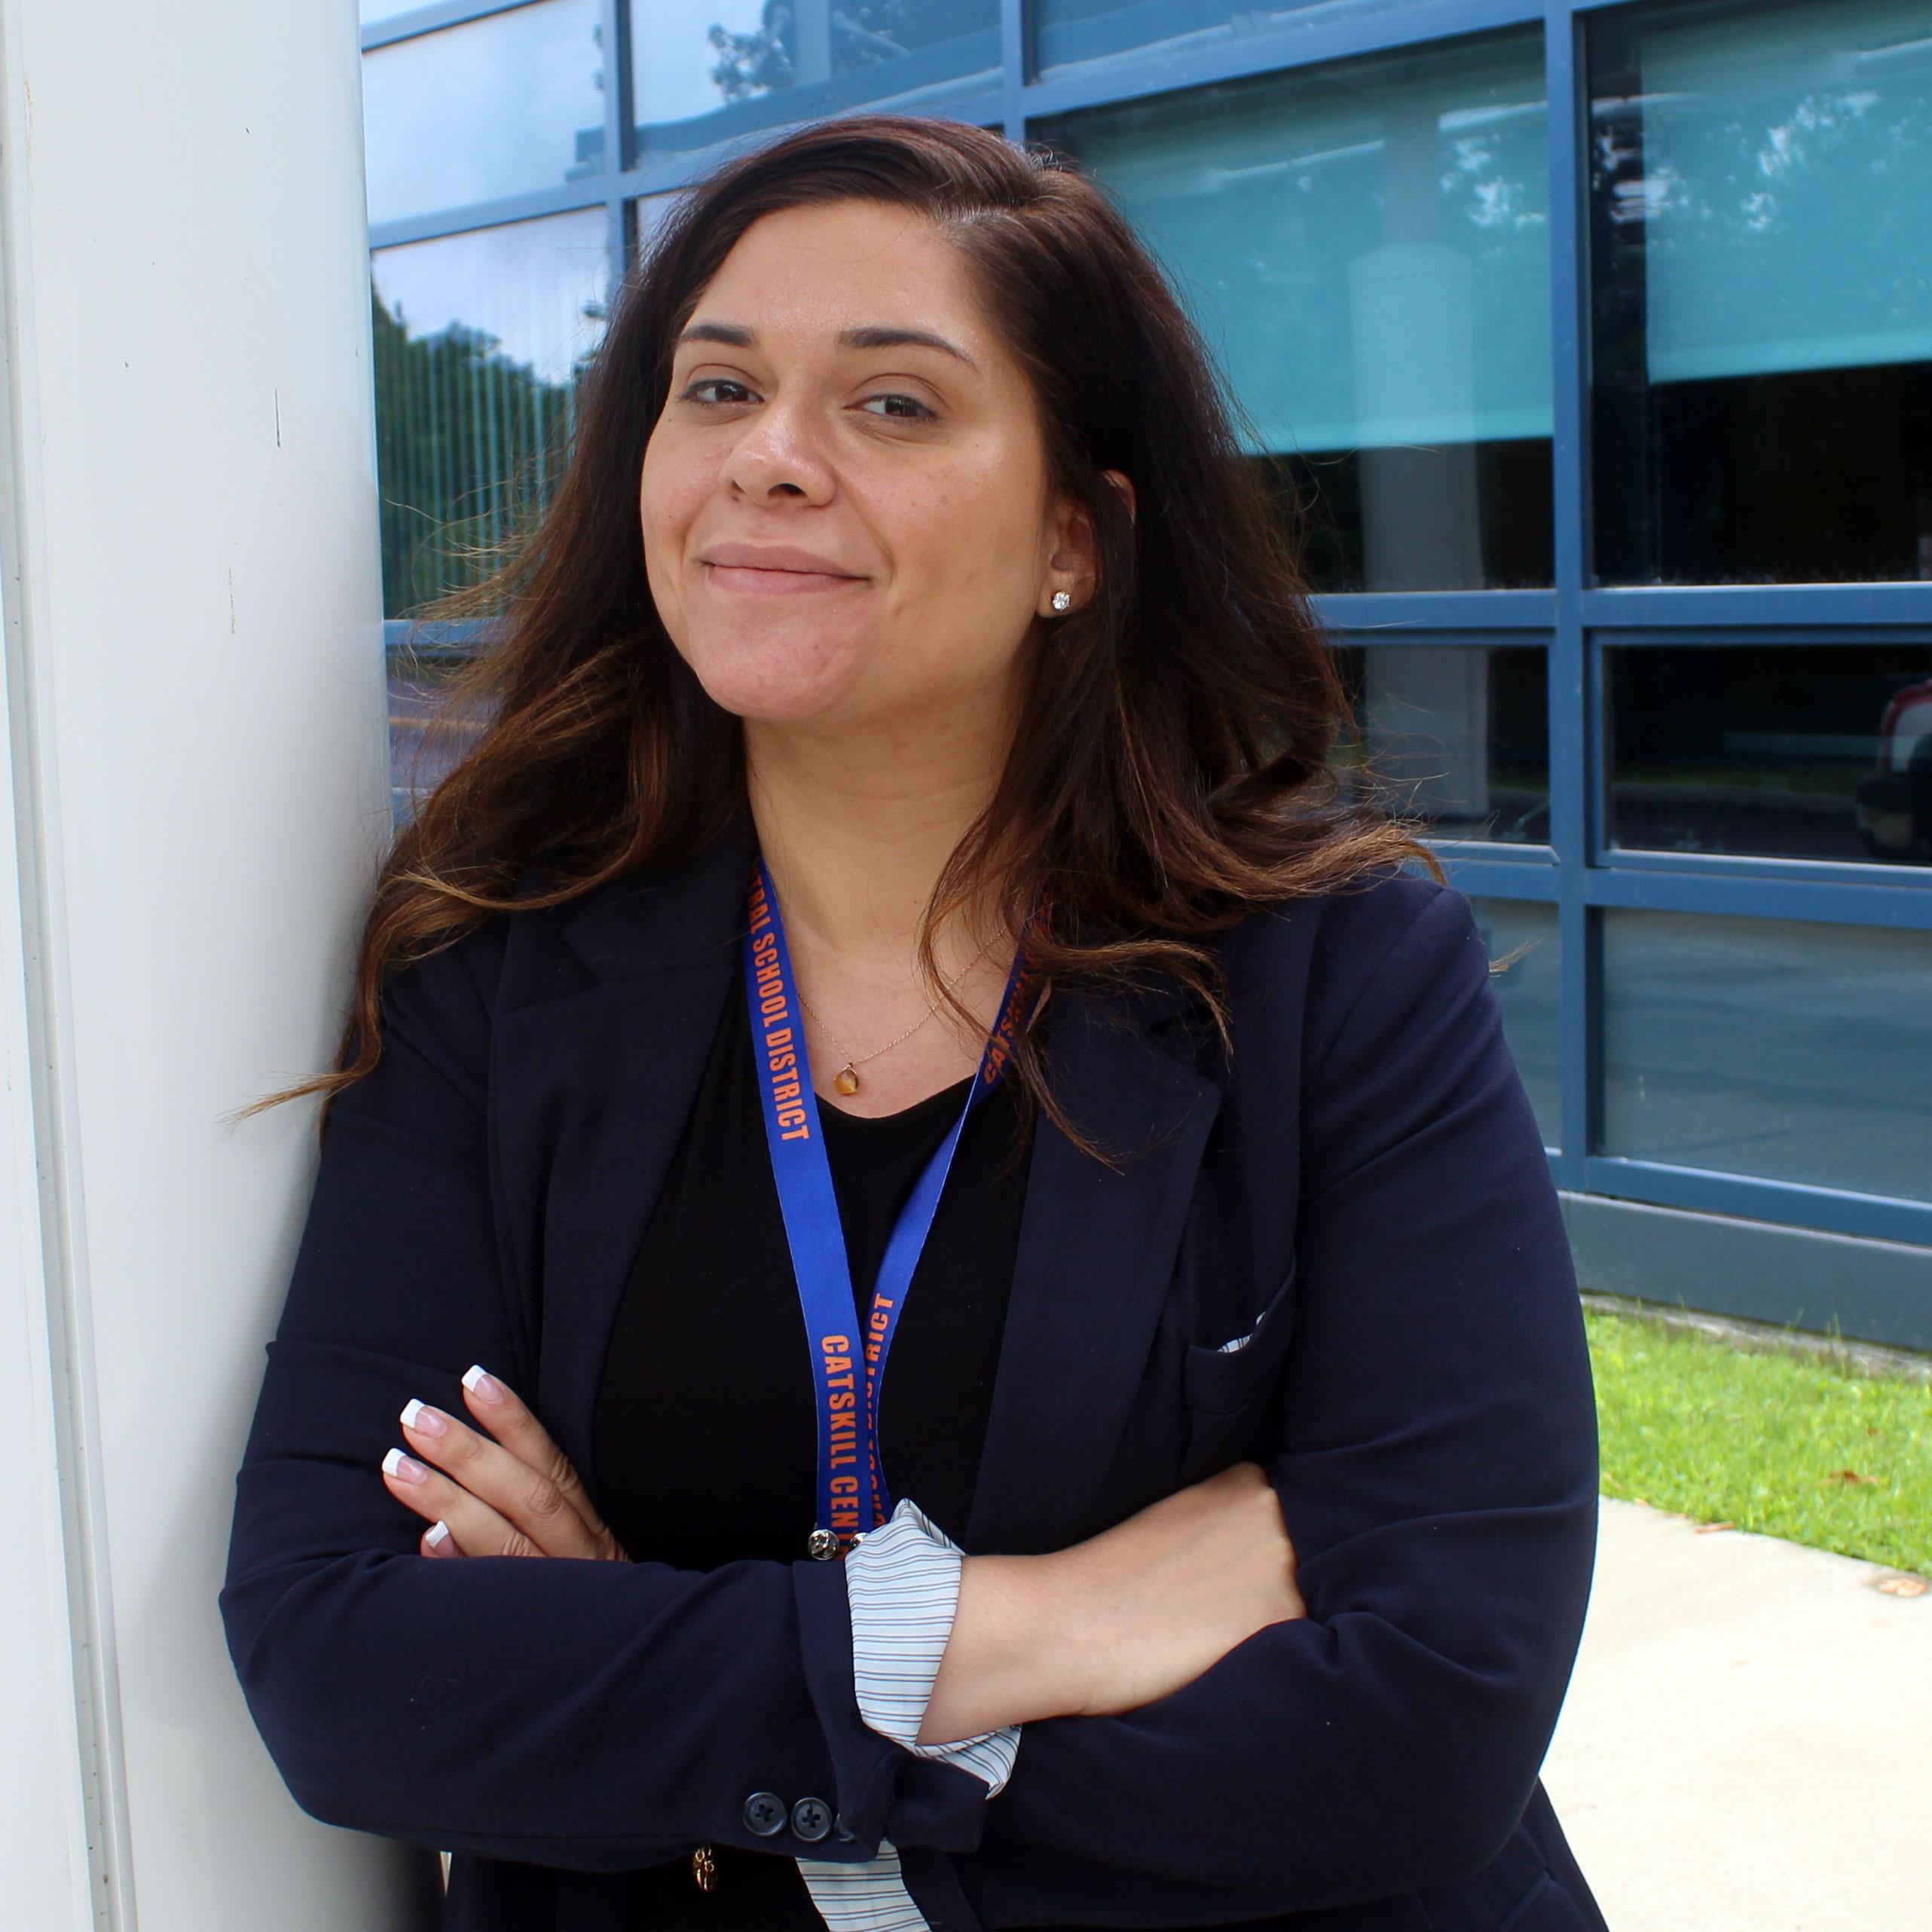 Nicole Chaluisan